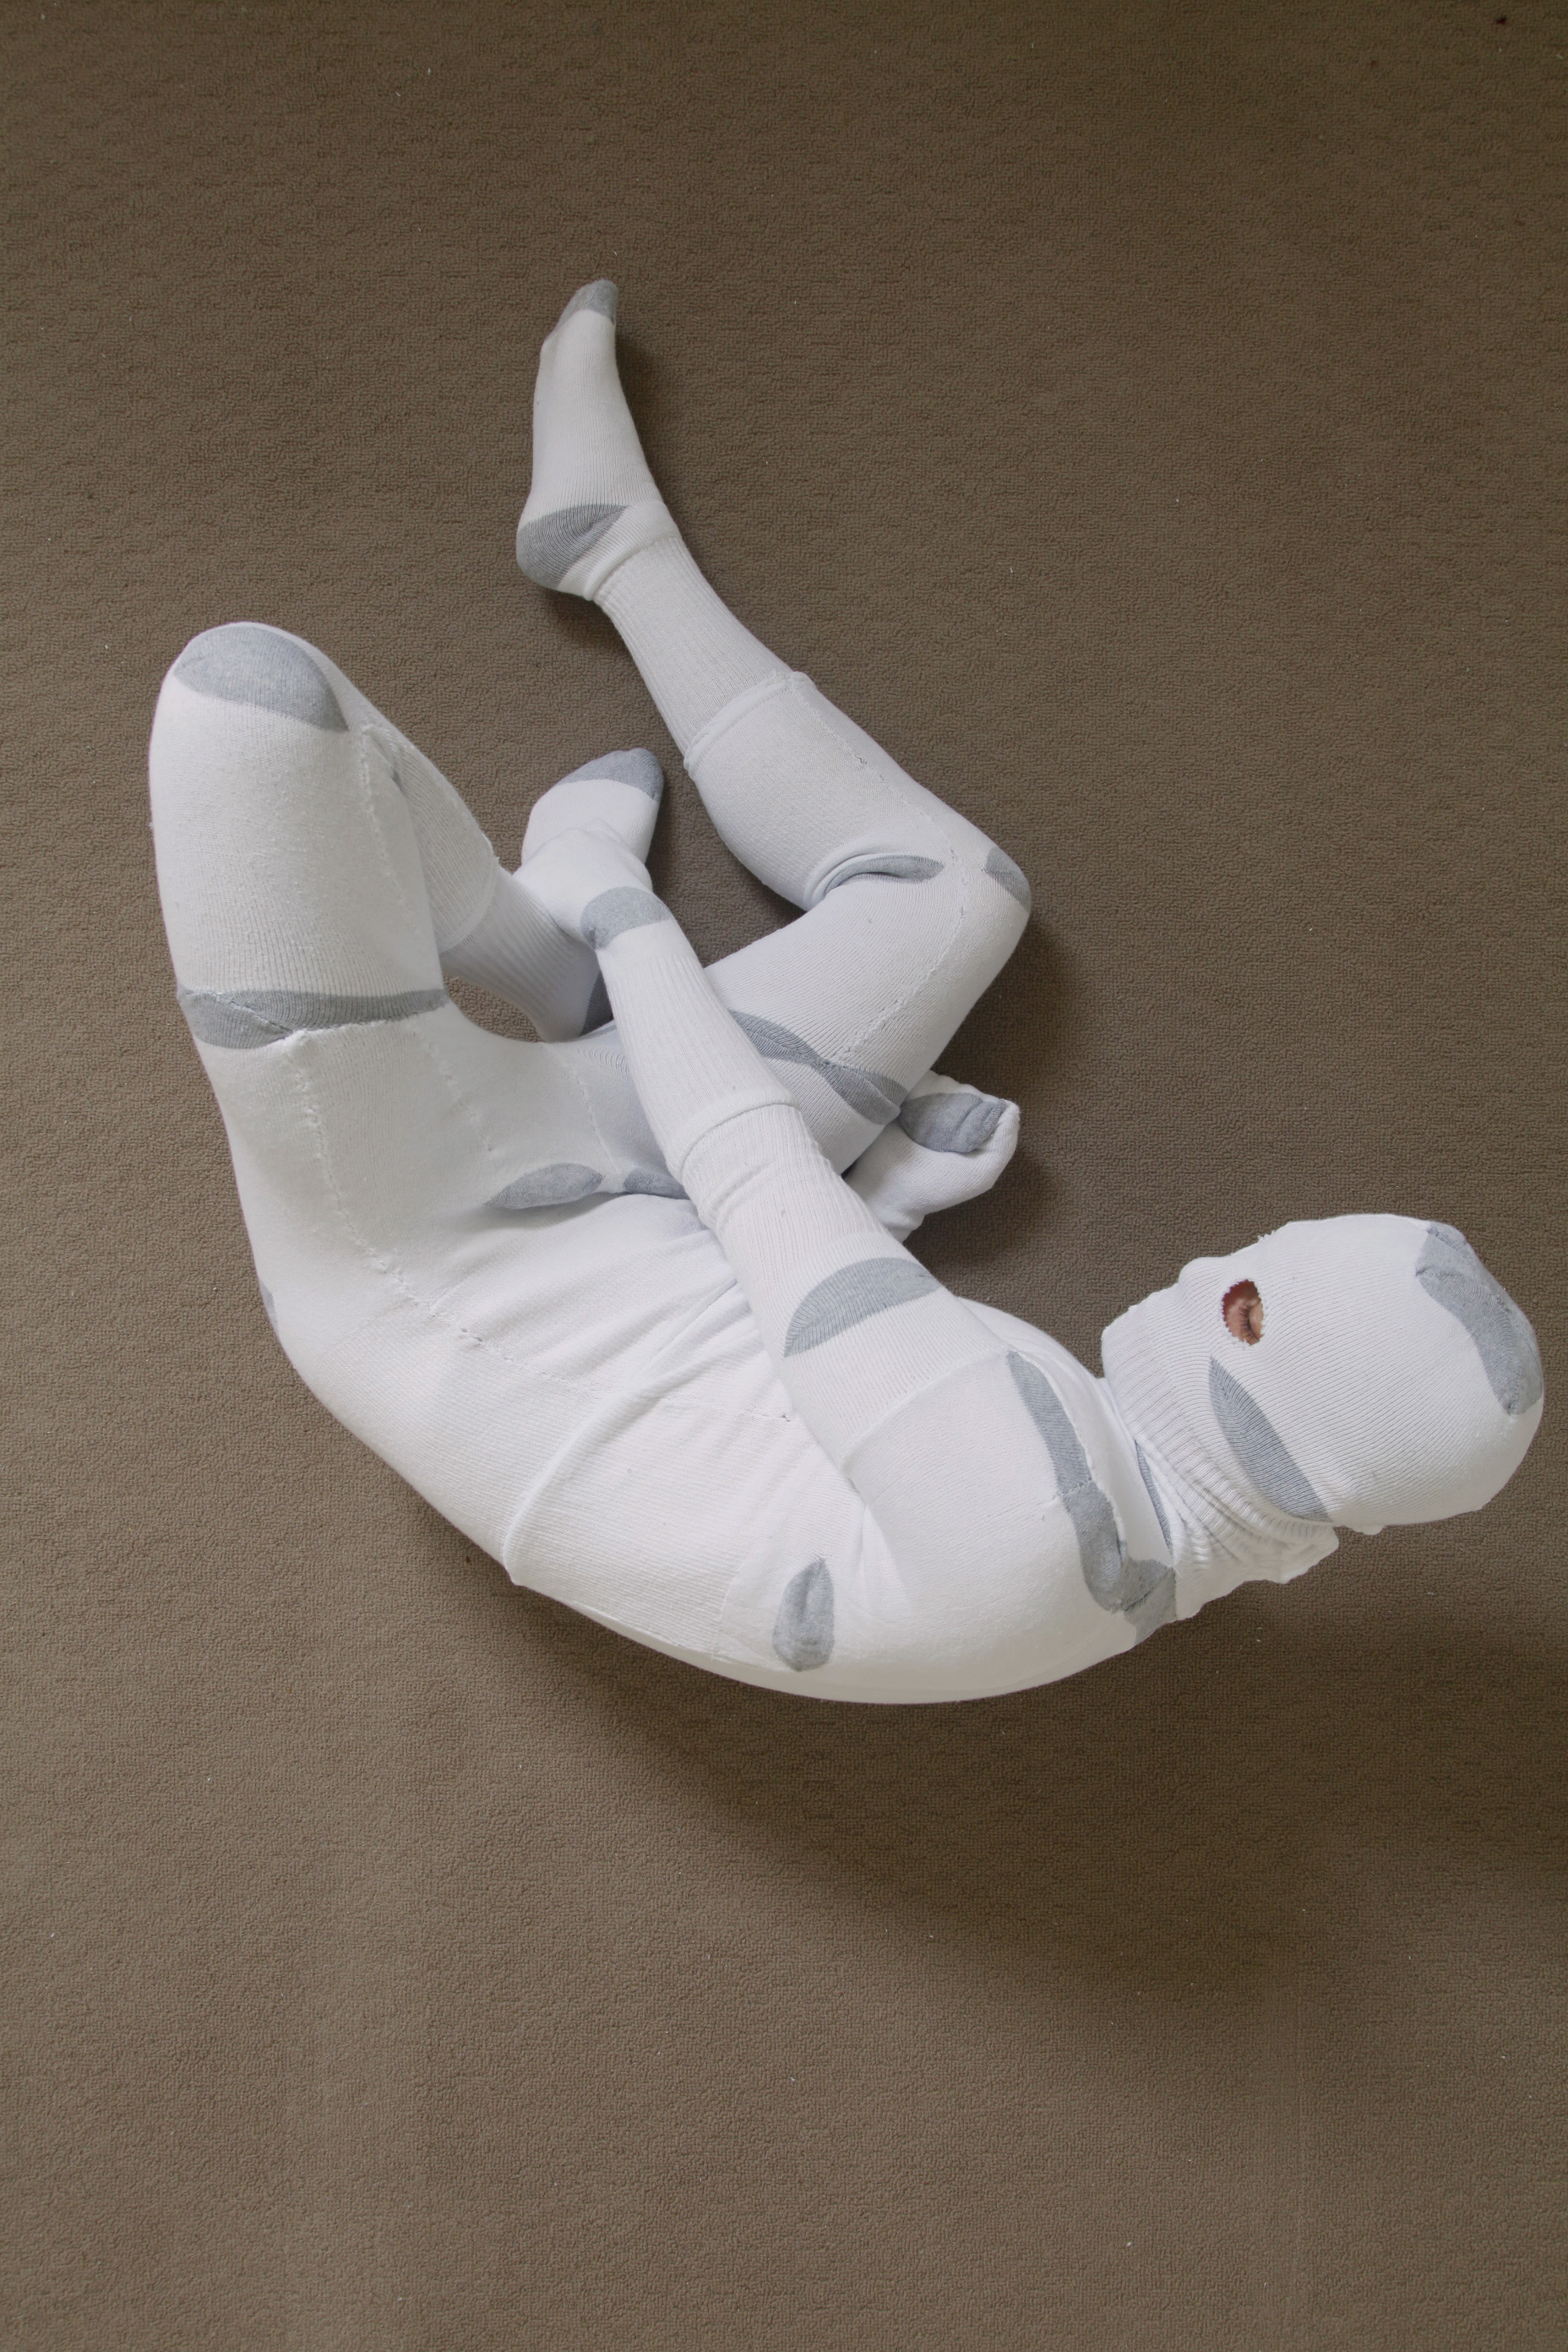 Sock Suit Performance Photograph